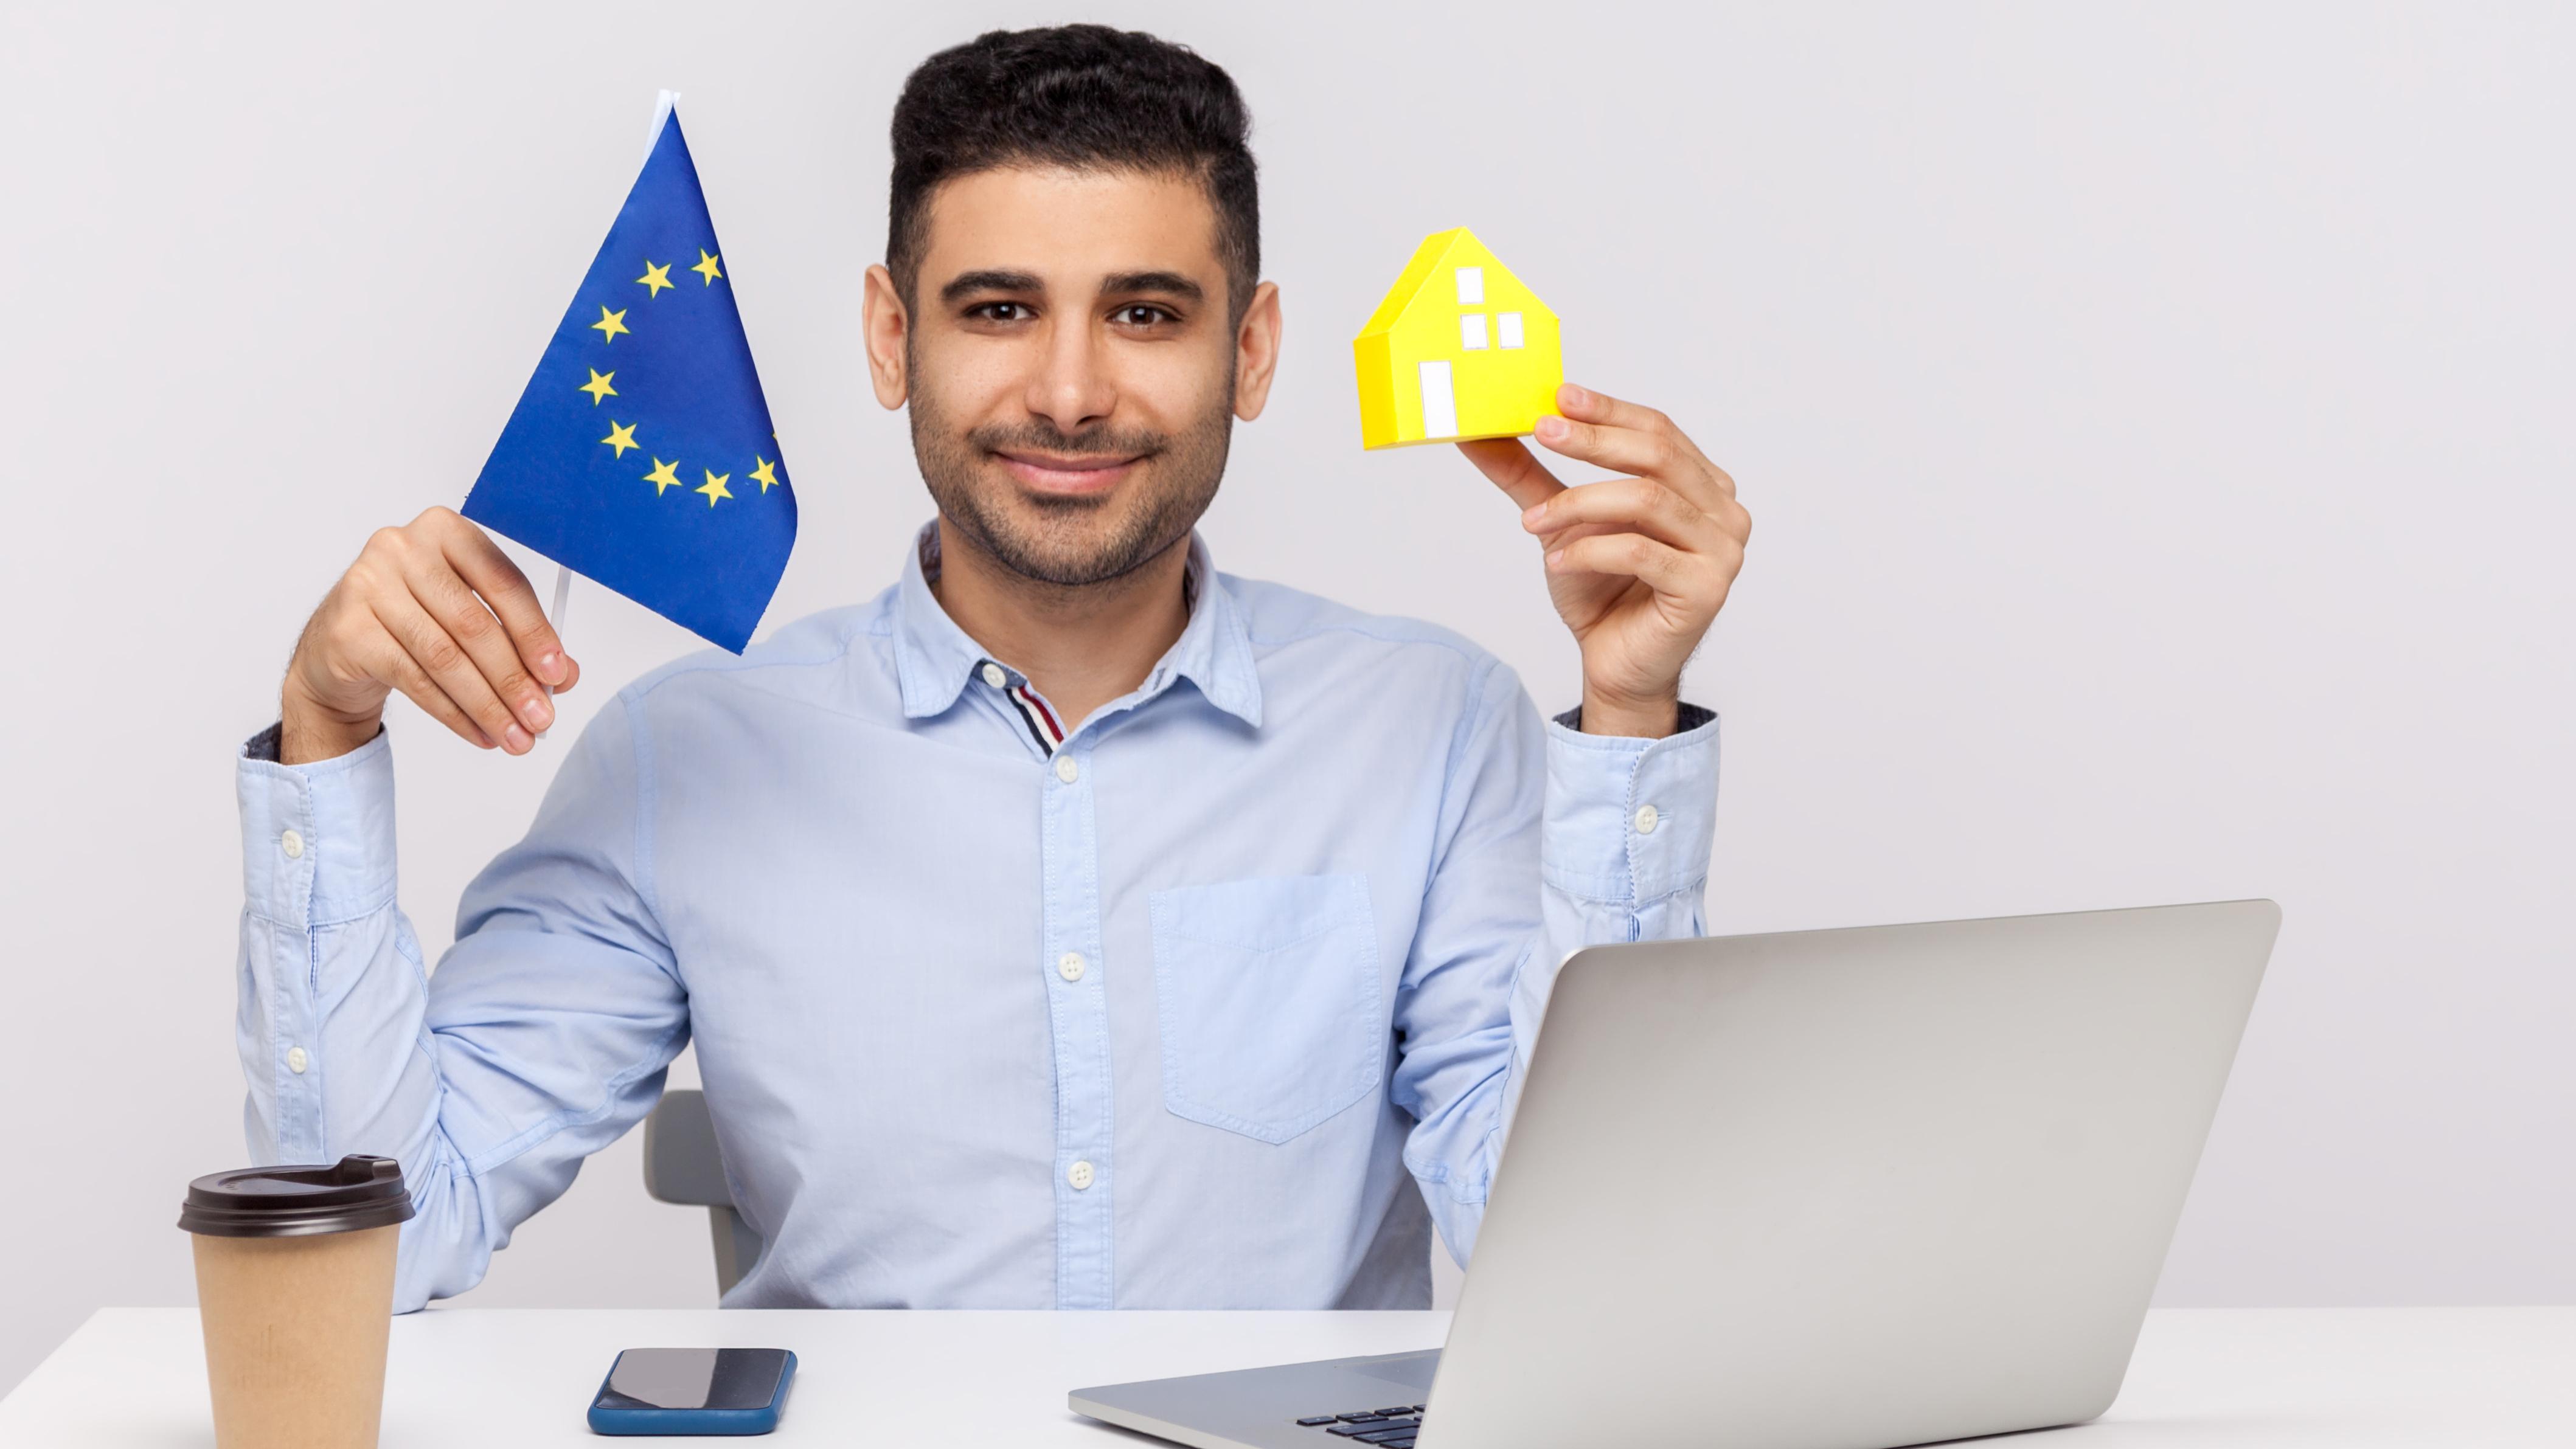 Мужчина держит флаг ЕС, где можно приобрести недвижимость